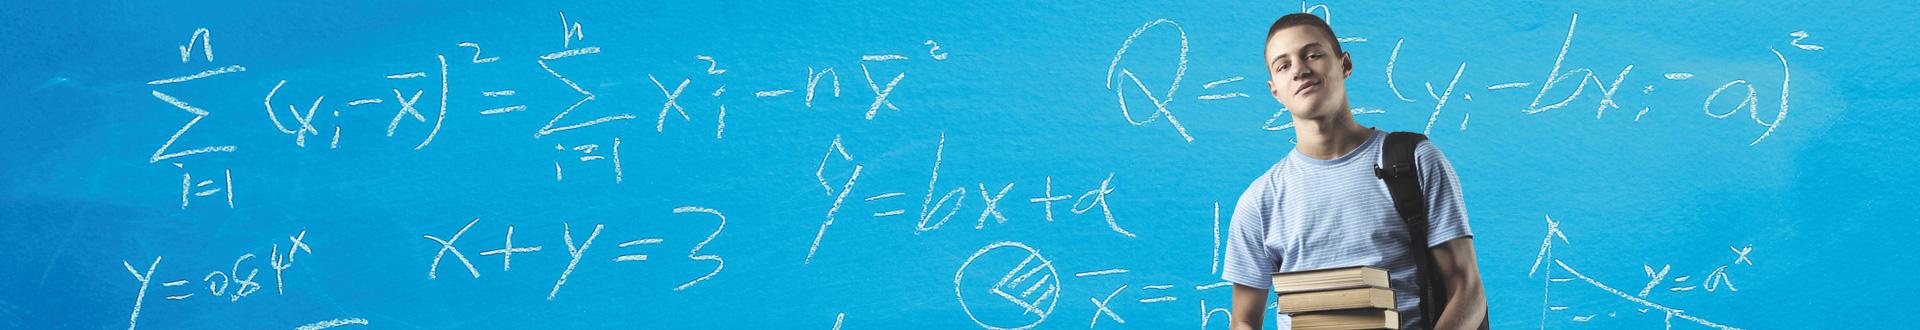 פתרונות מתוך ספרי לימוד במתמטיקה